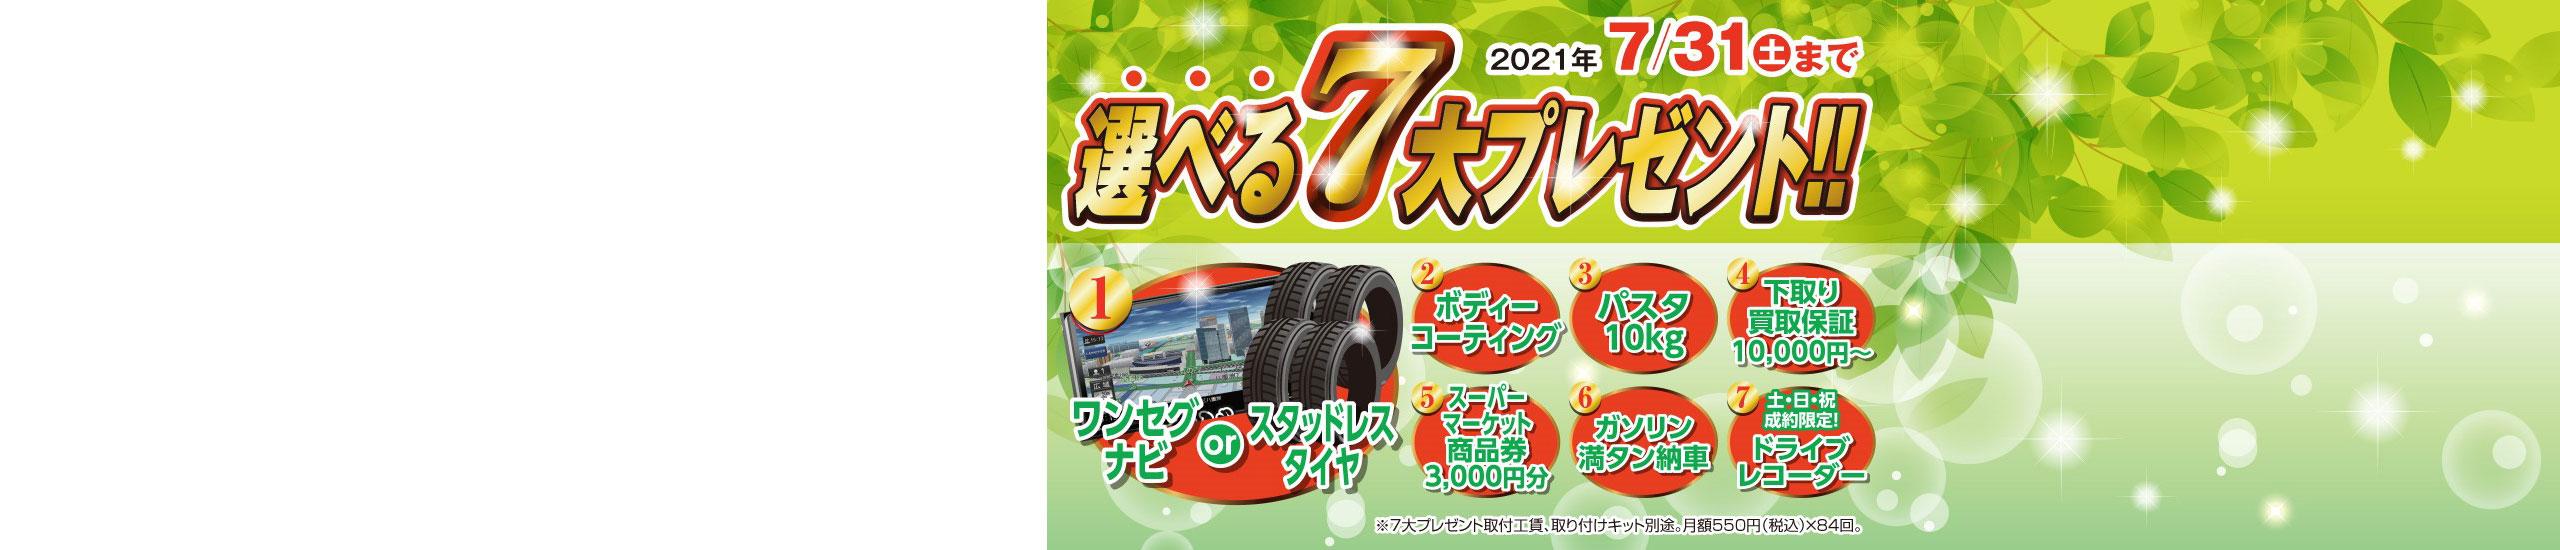 芦野自動車の春の7大プレゼント